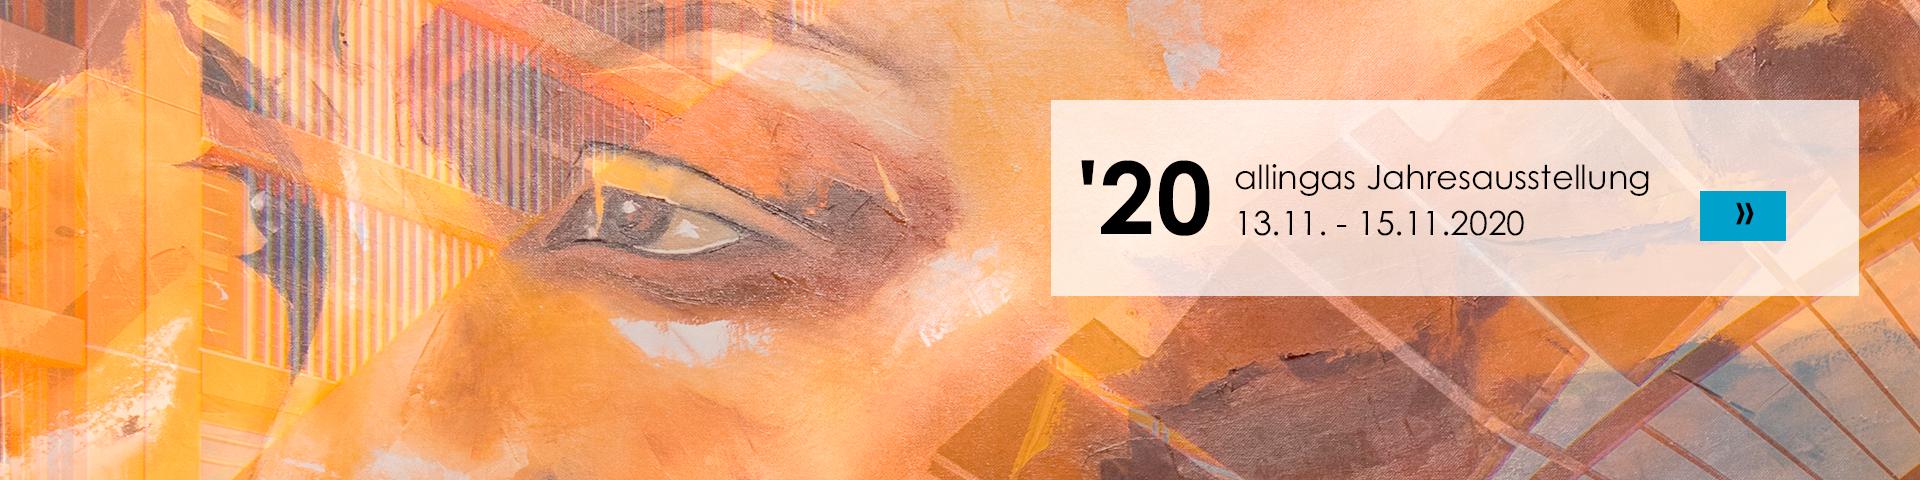 Jahresausstellung 20